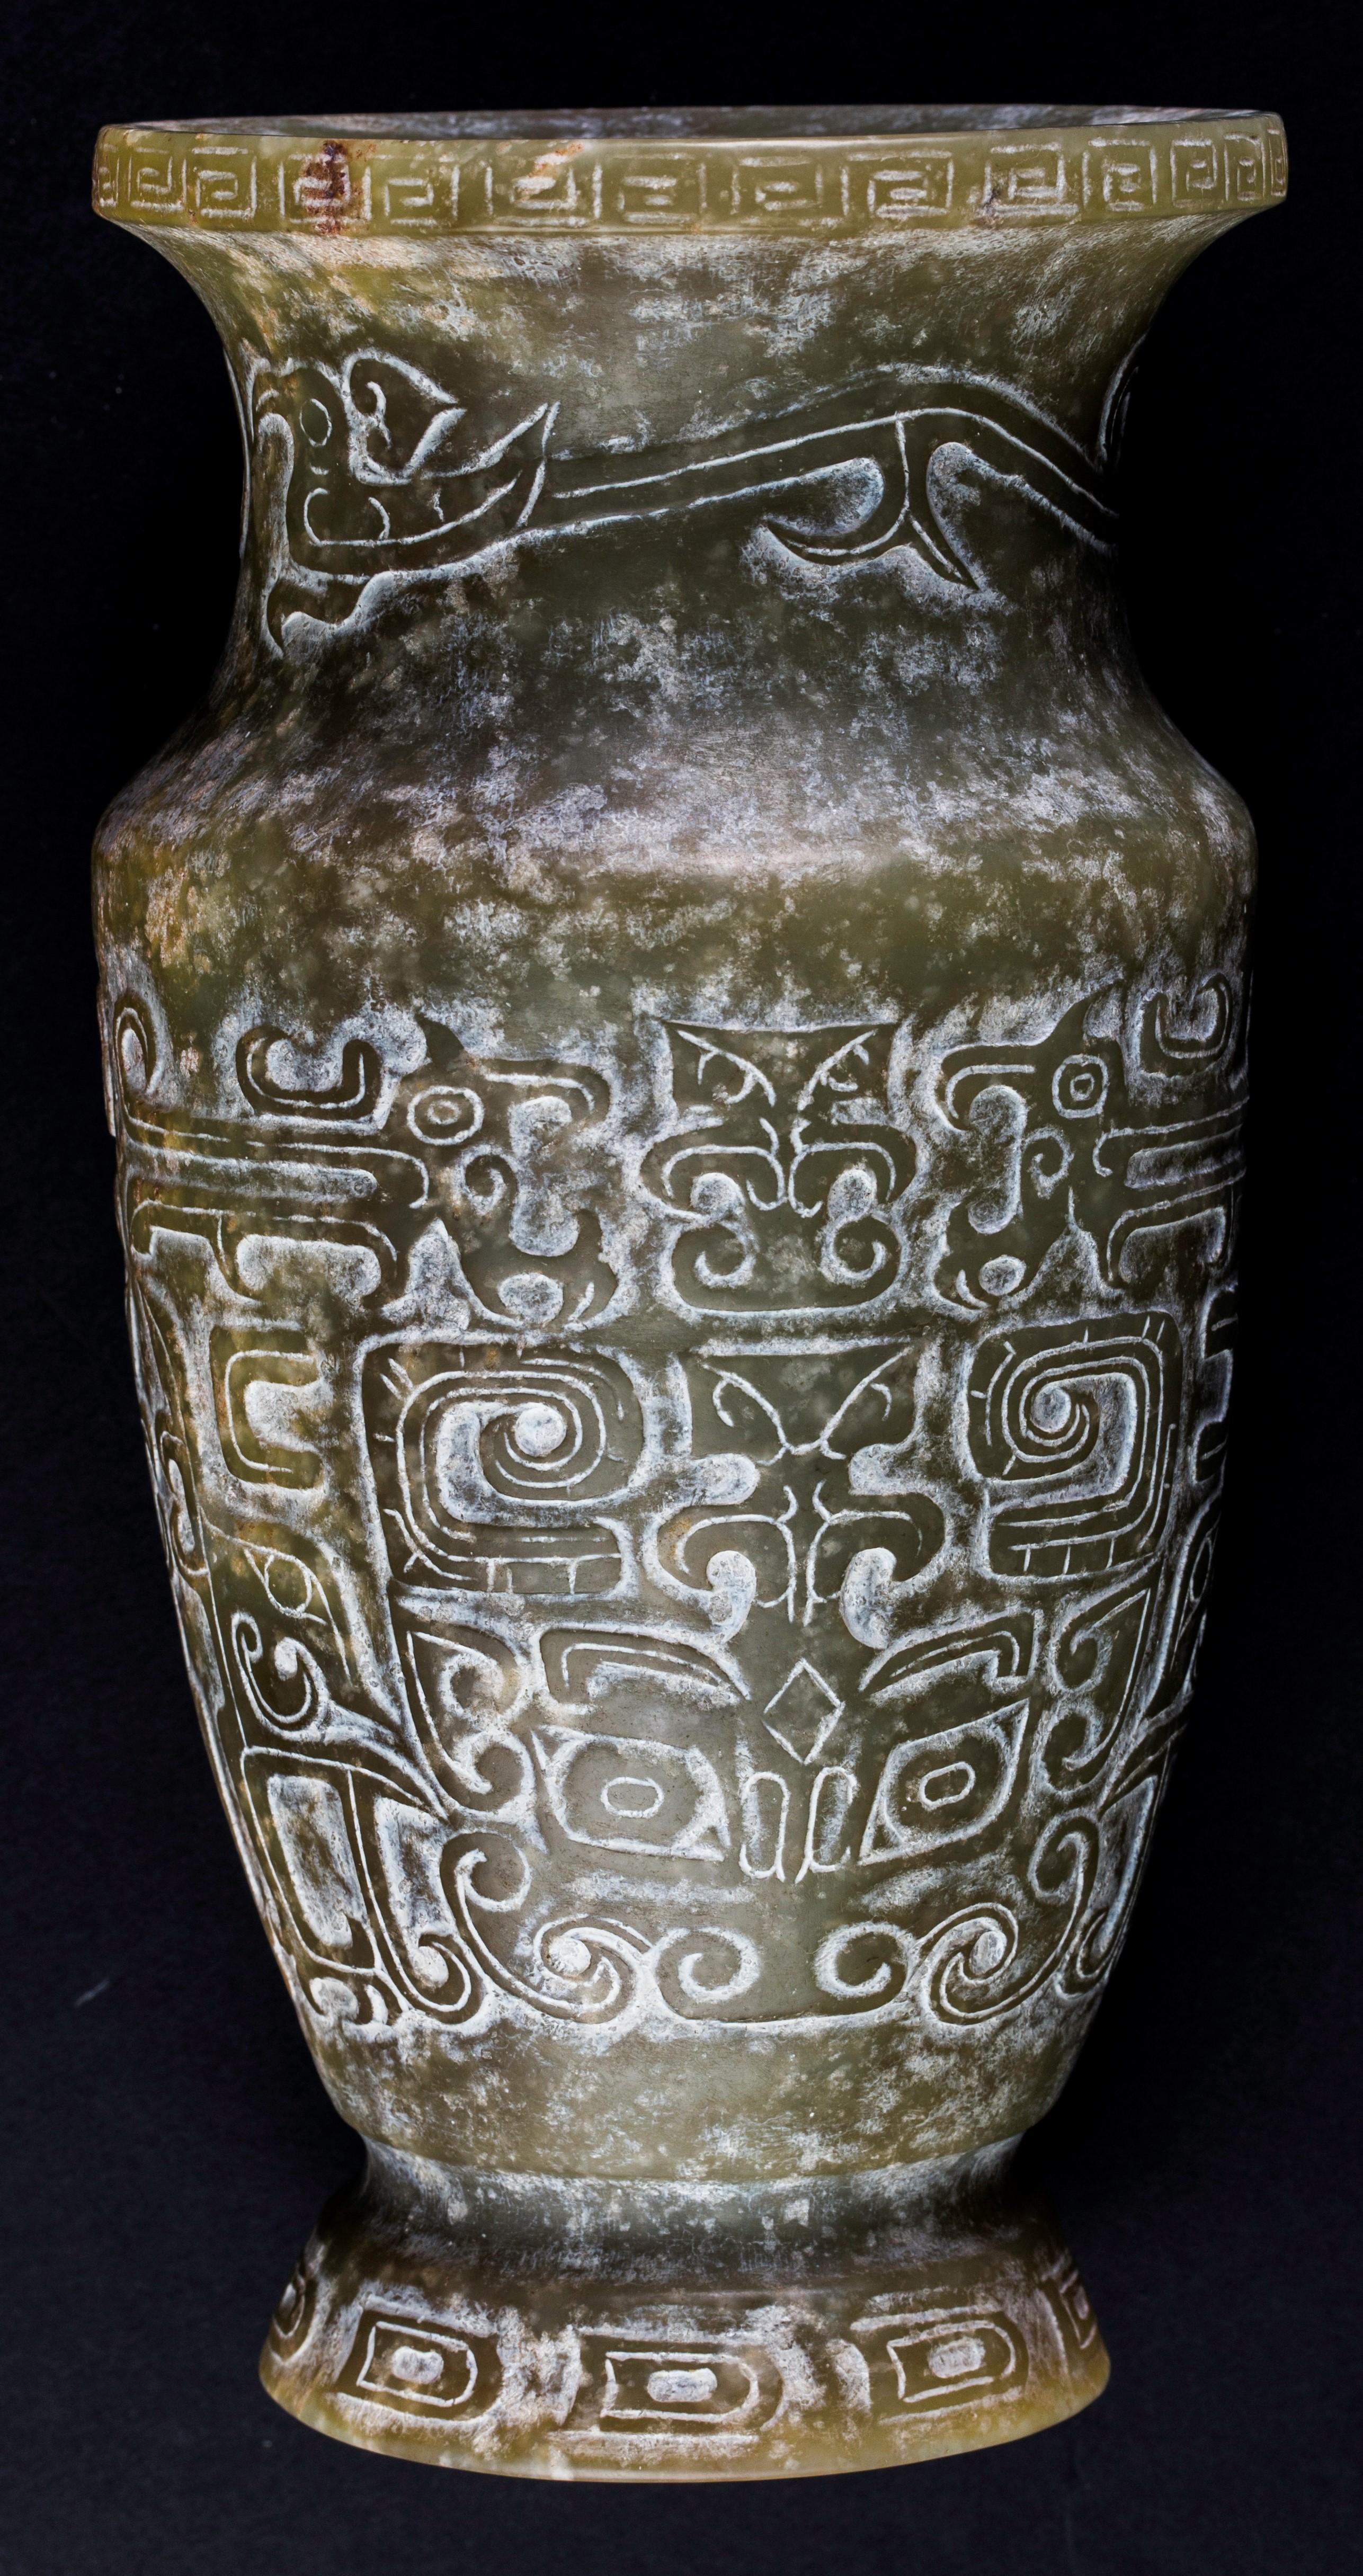 Shang jade vase.